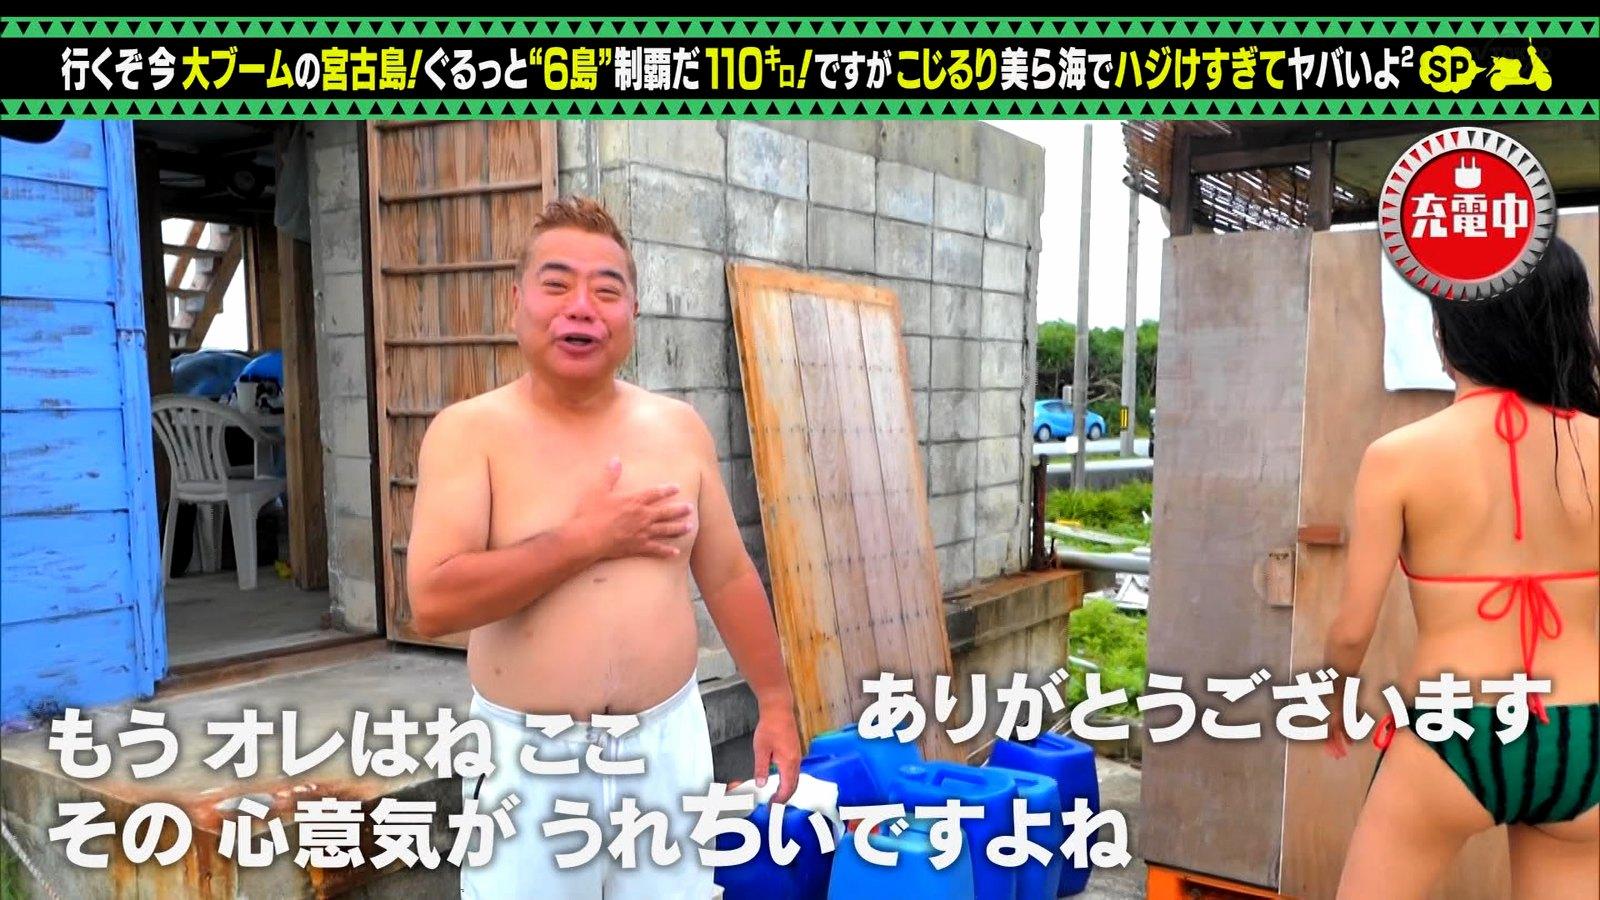 小島瑠璃子_ビキニ水着_お尻_キャプエロ画像_20